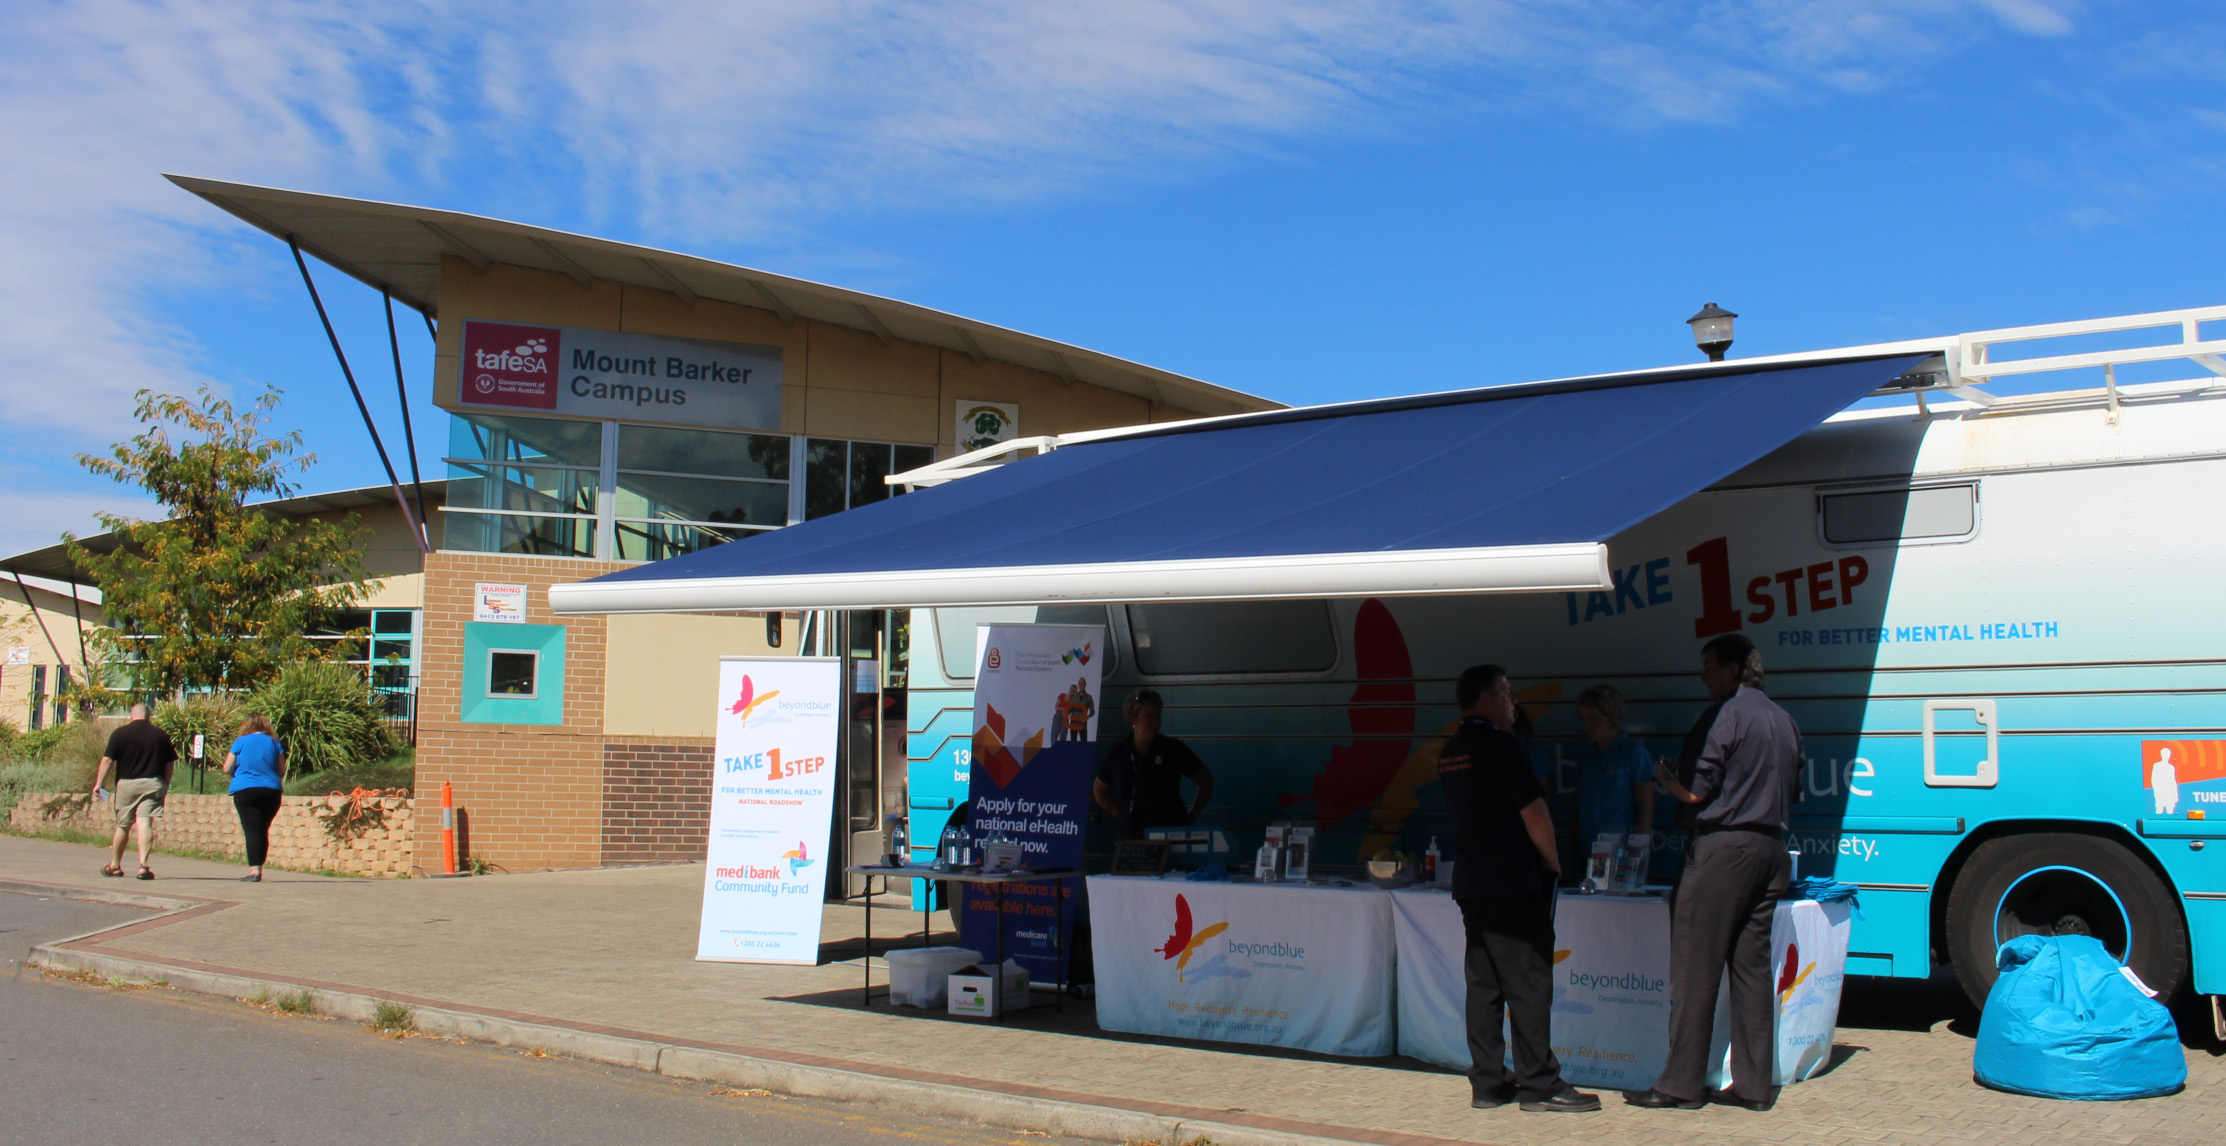 The Roadshow at TAFE SA Mount Barker Campus.